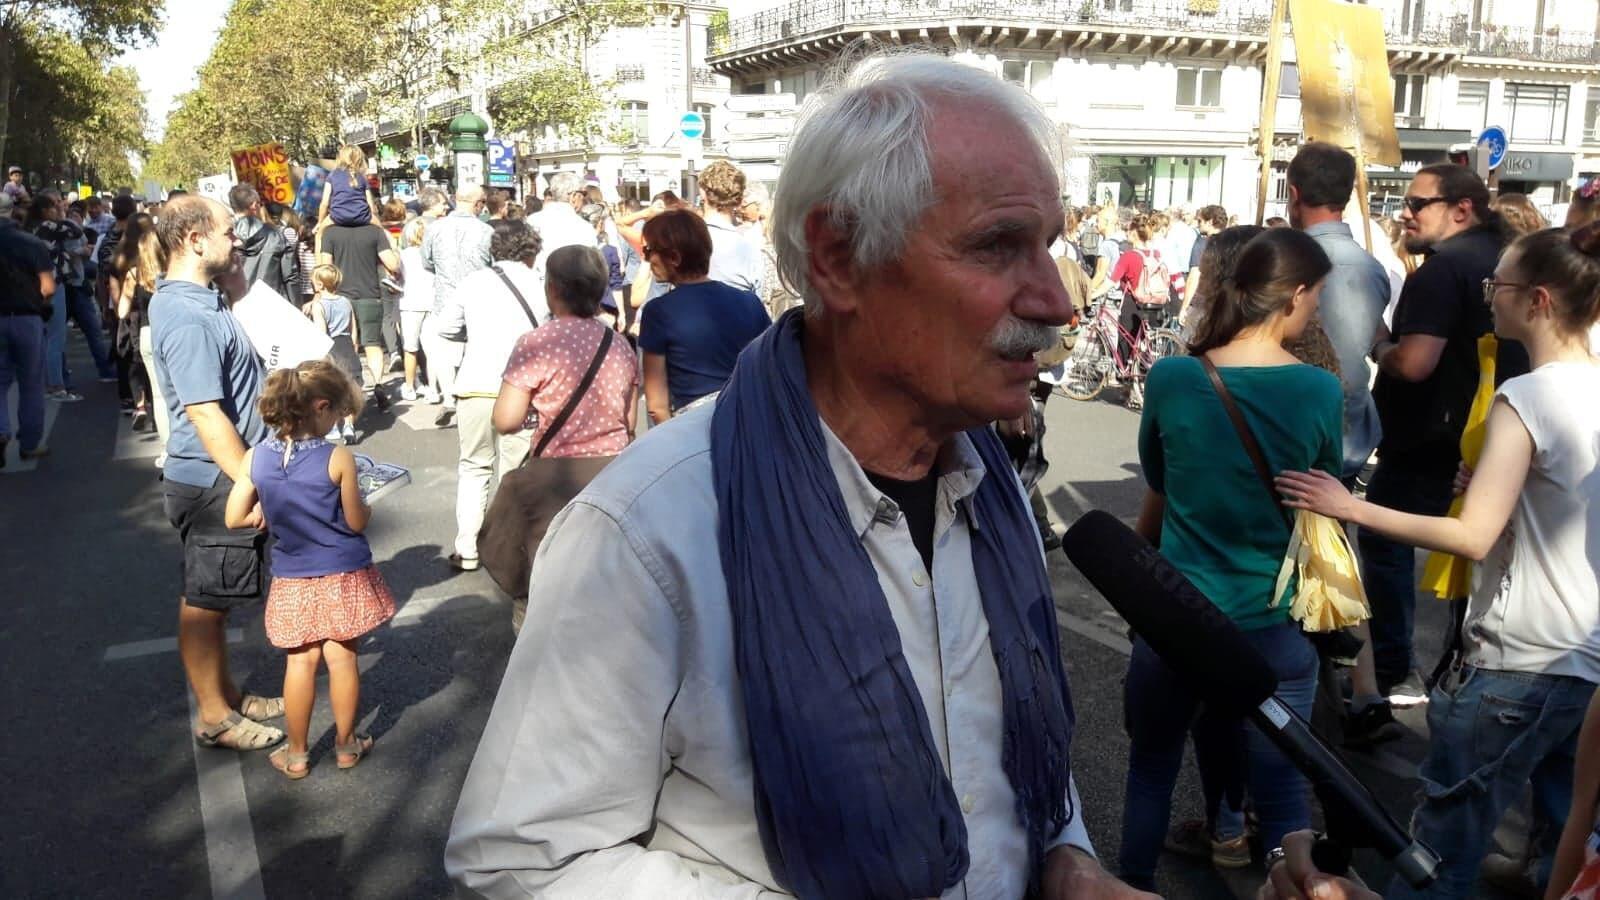 """Yann Arthus-Bertrand, fotógrafo, diretor, ecologista e autor do best seller """"A Terra vista do céu"""", durante a manifestação em Paris neste sábado, 8 de setembro de 2018."""